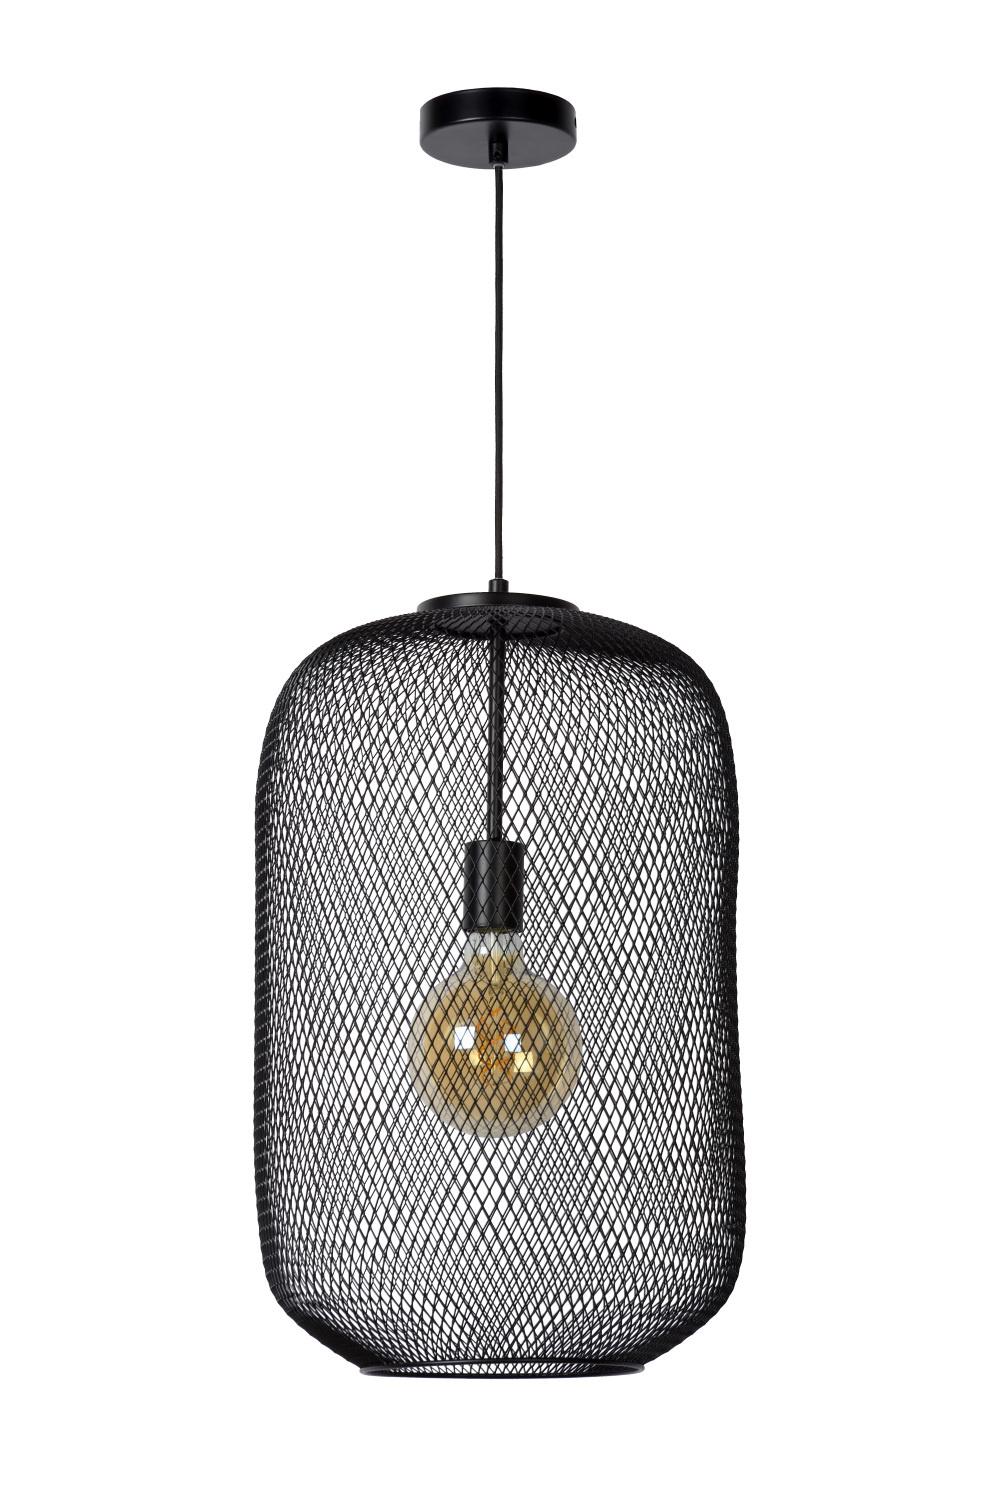 Lucide MESH Hanglamp-Zwart-Ø35-1xE27-40W-Staal